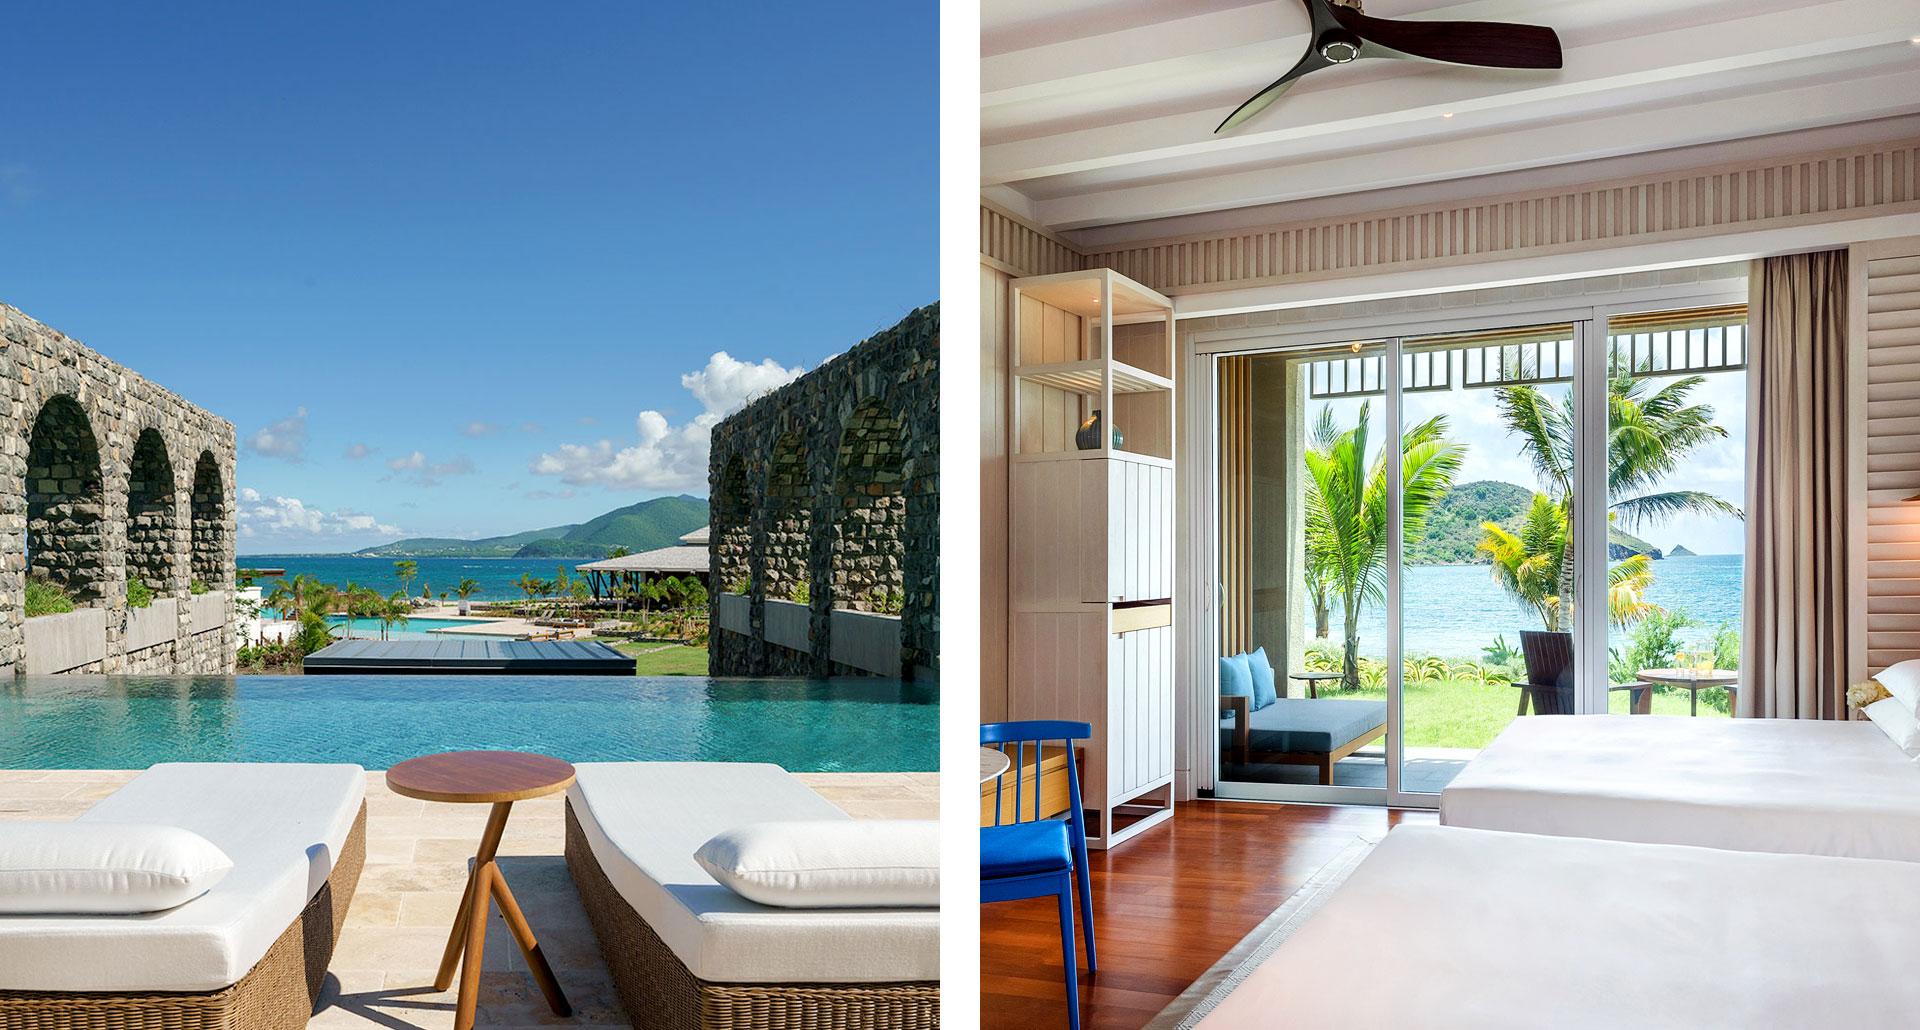 Park Hyatt St. Kitts - boutique hotel in St. Kitts and Nevis